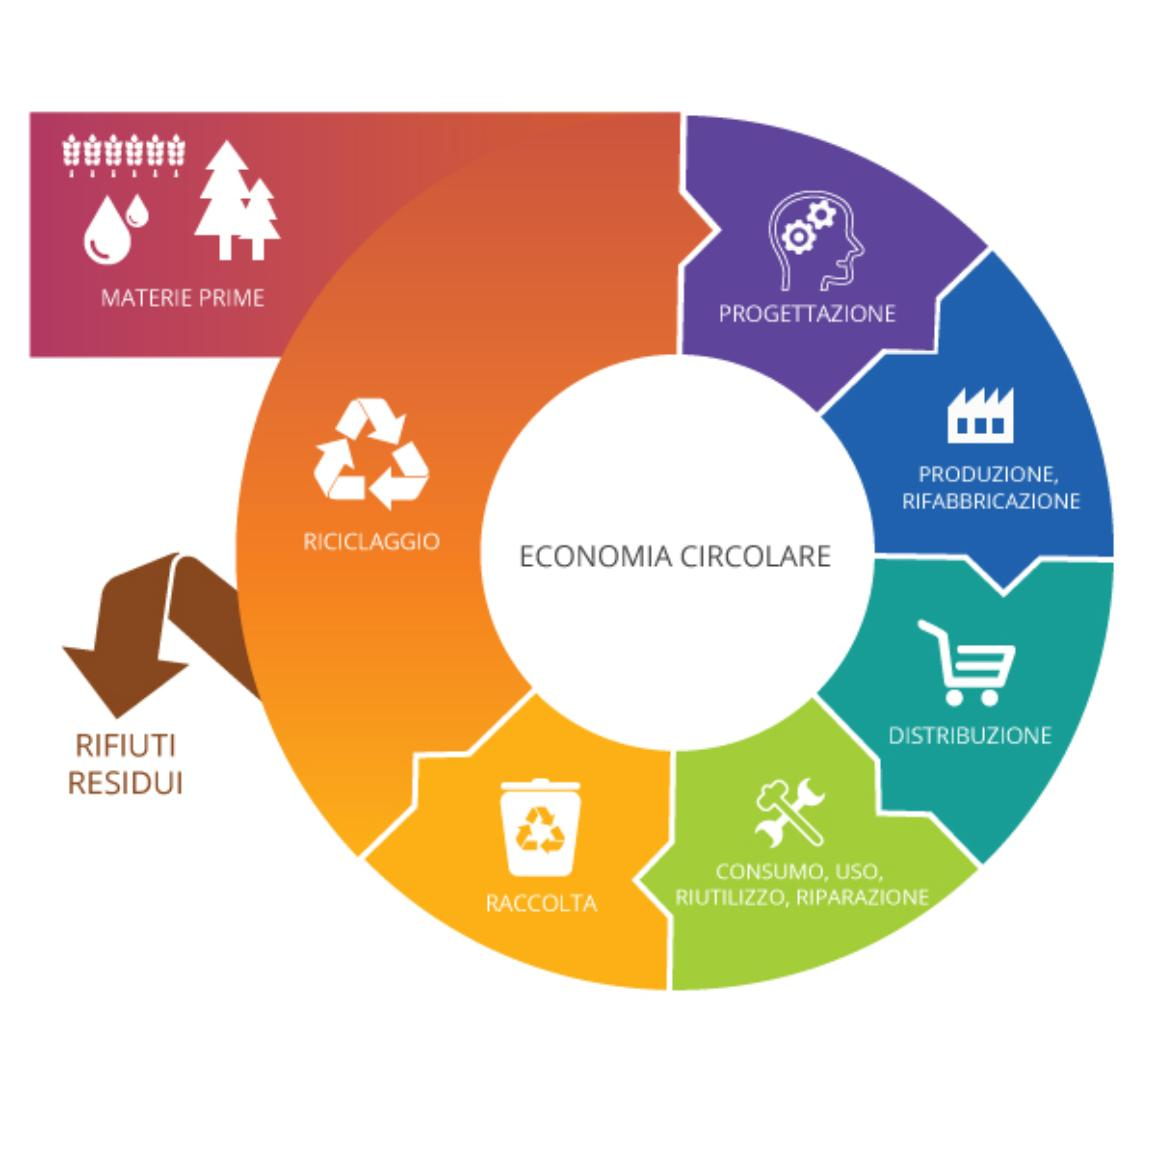 Economia circolare - schema